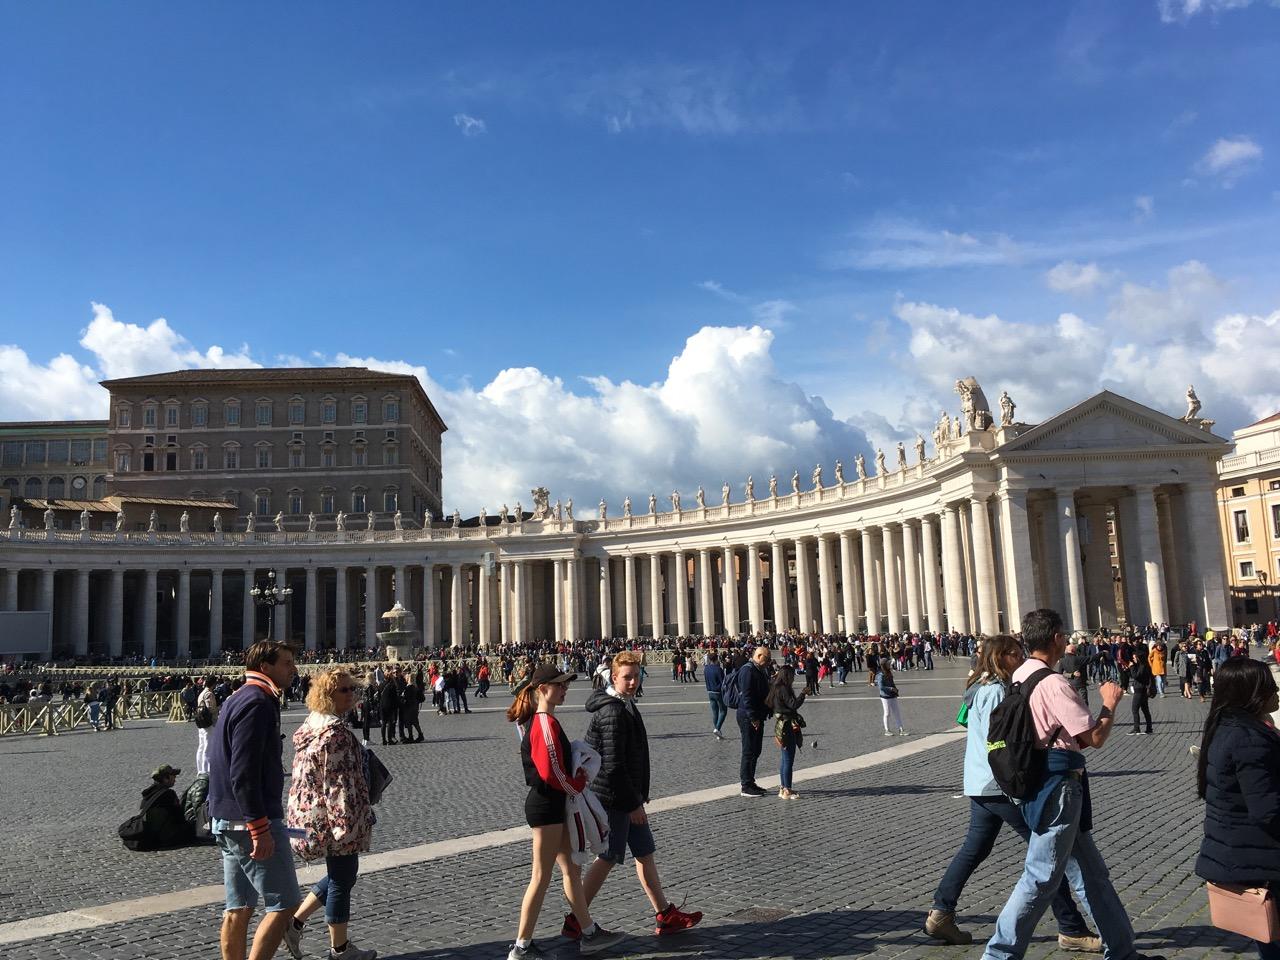 圣彼得广场两侧是柱廊